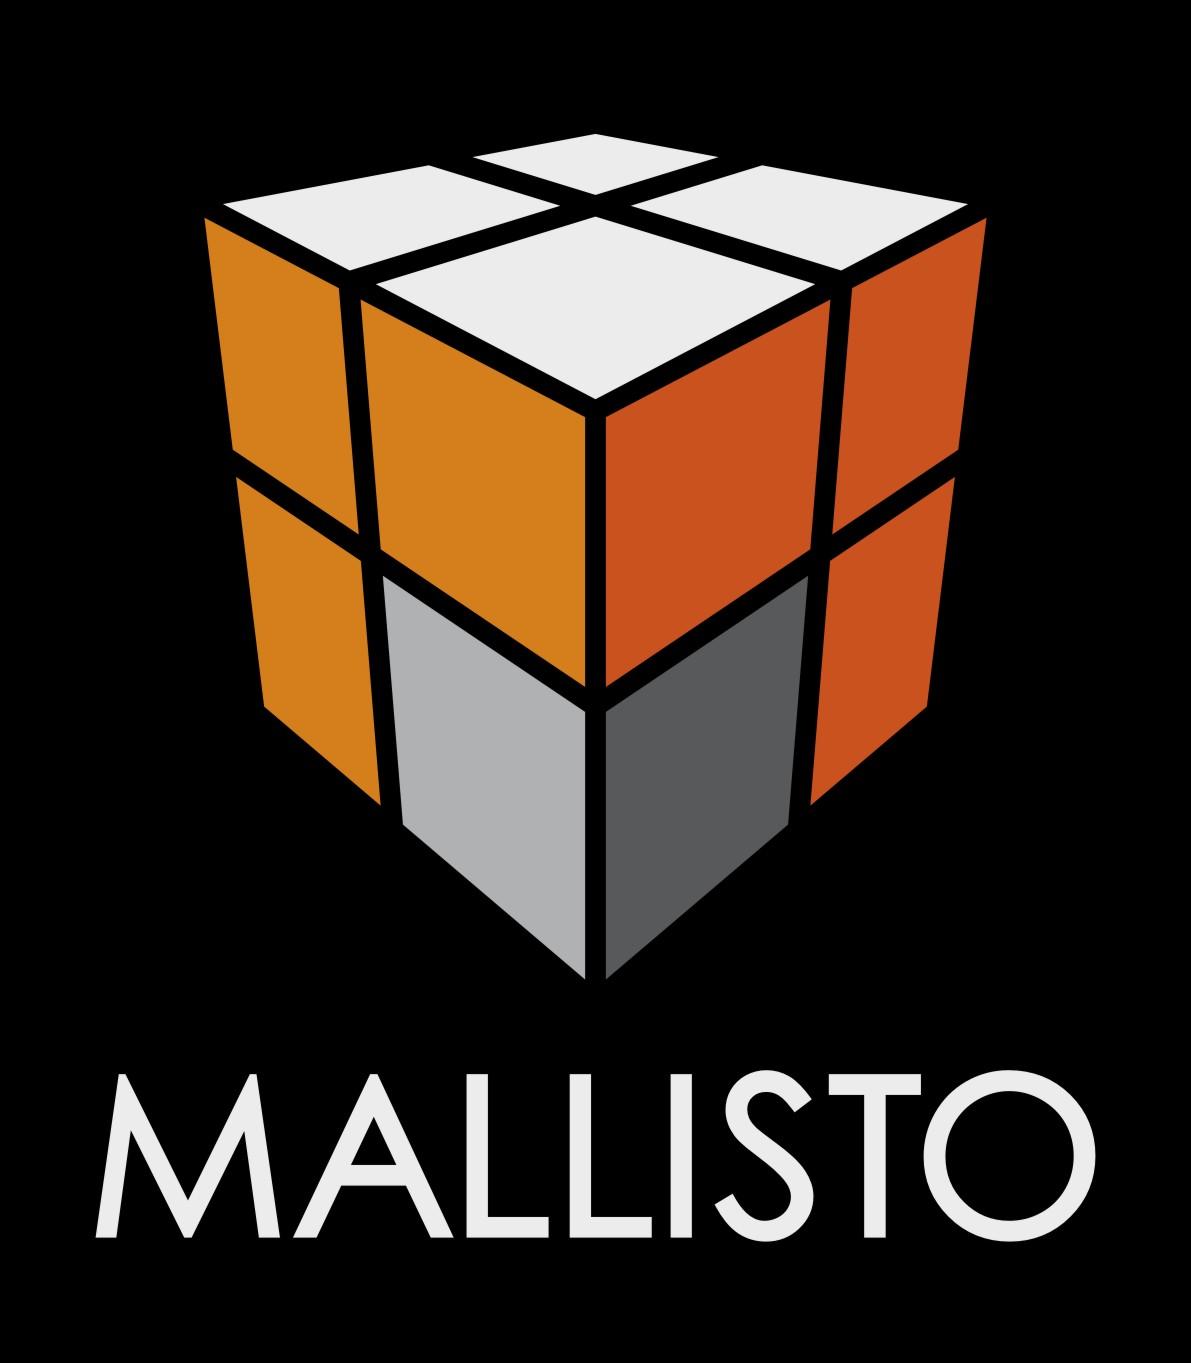 MALLISTO